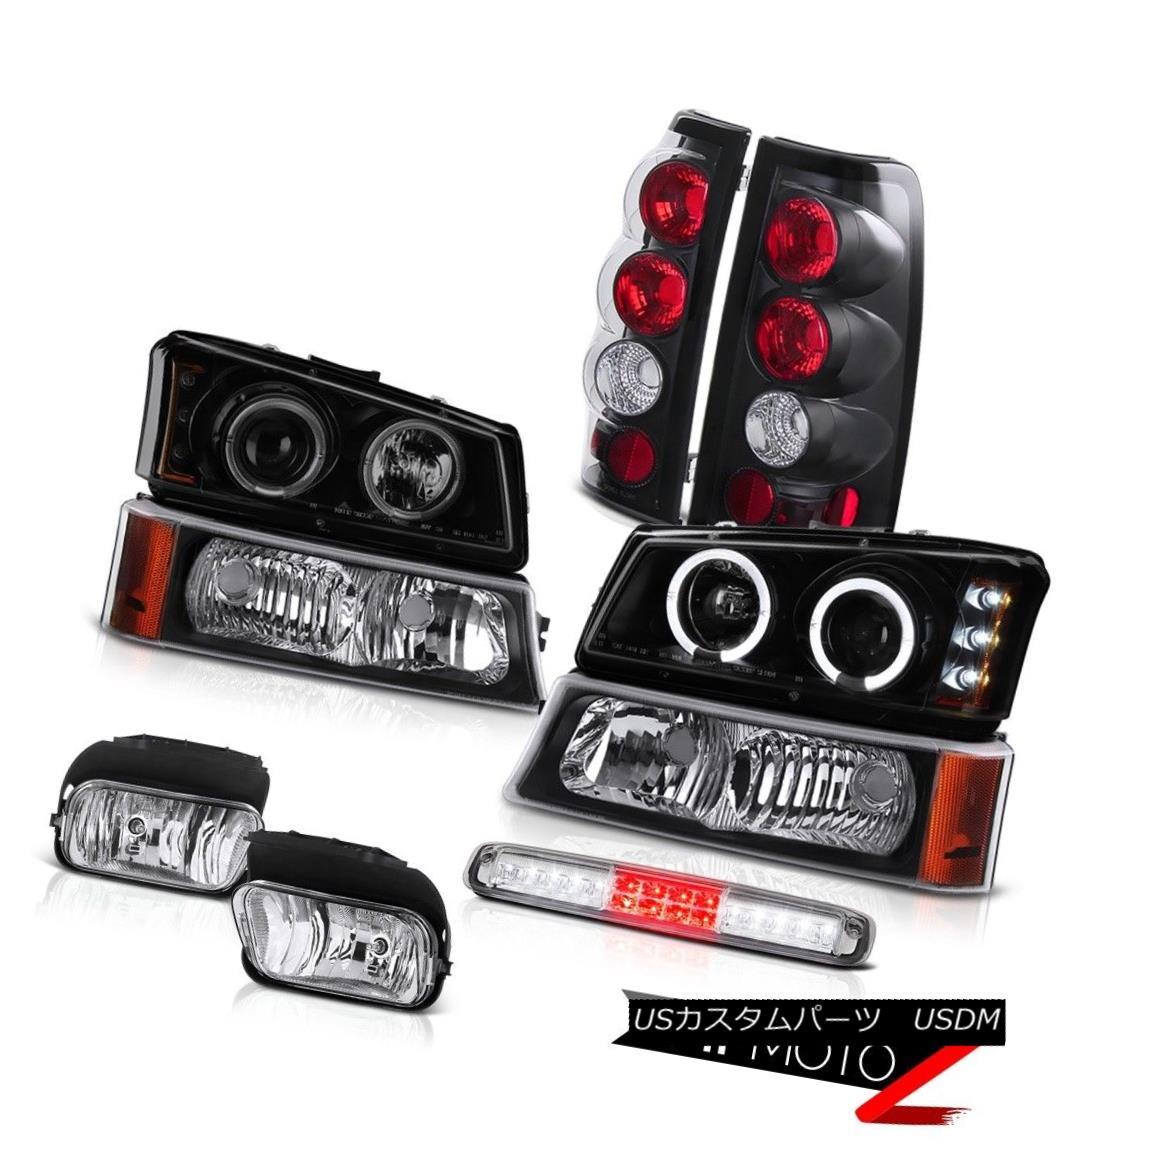 テールライト 03-06 Chevy Silverado Foglamps Black Bumper Light 3RD Brake Headlamps Taillamps 03-06 Chevy Silverado Foglampsブラックバンパーライト3RDブレーキヘッドランプテールランプ